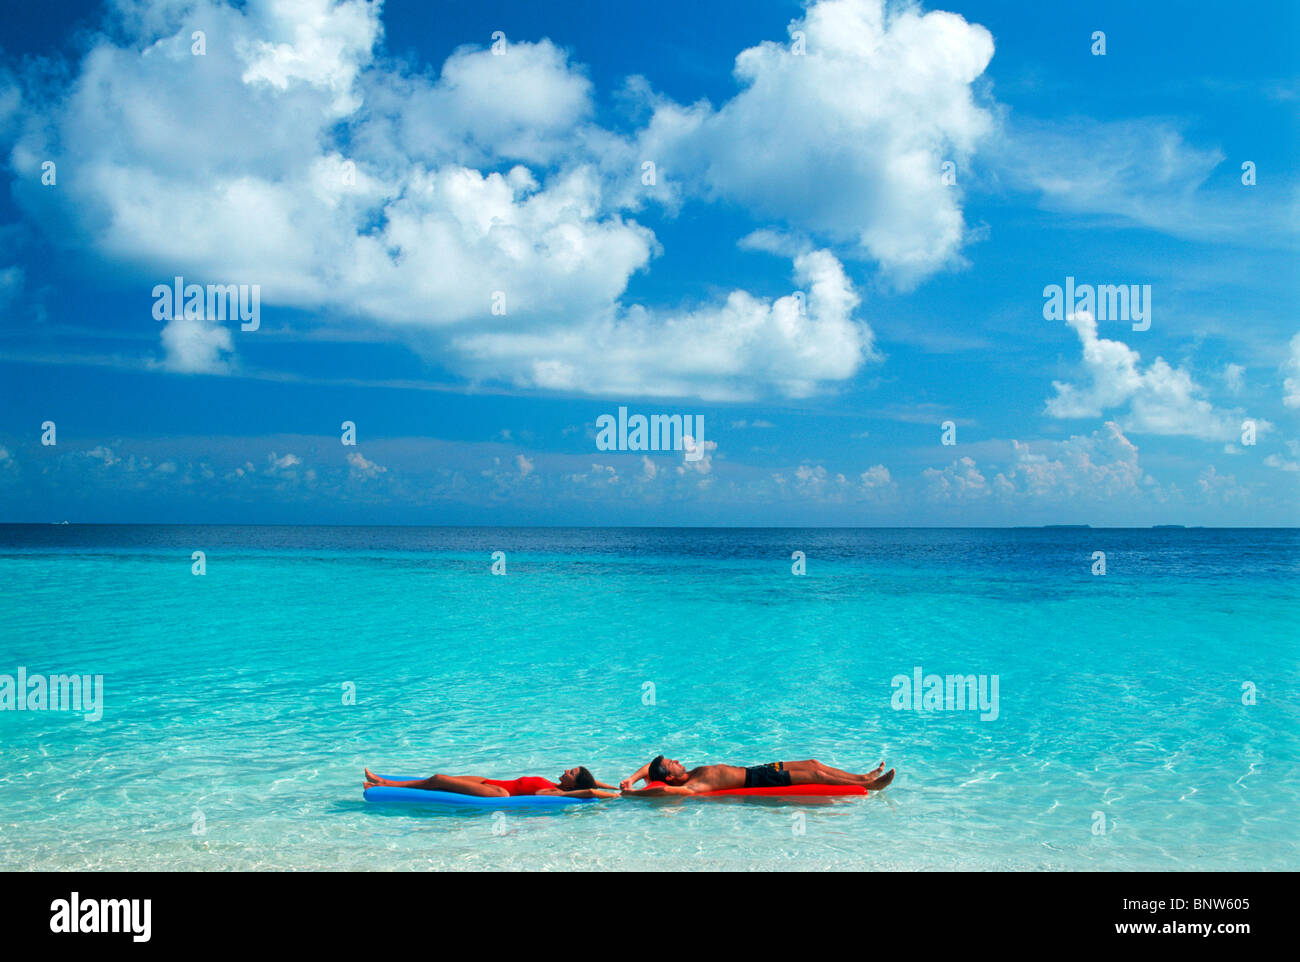 Giovane galleggianti in paradiso sotto puffy bianco delle nuvole colorate materassi di aria durante l'isola idilliaca Foto Stock